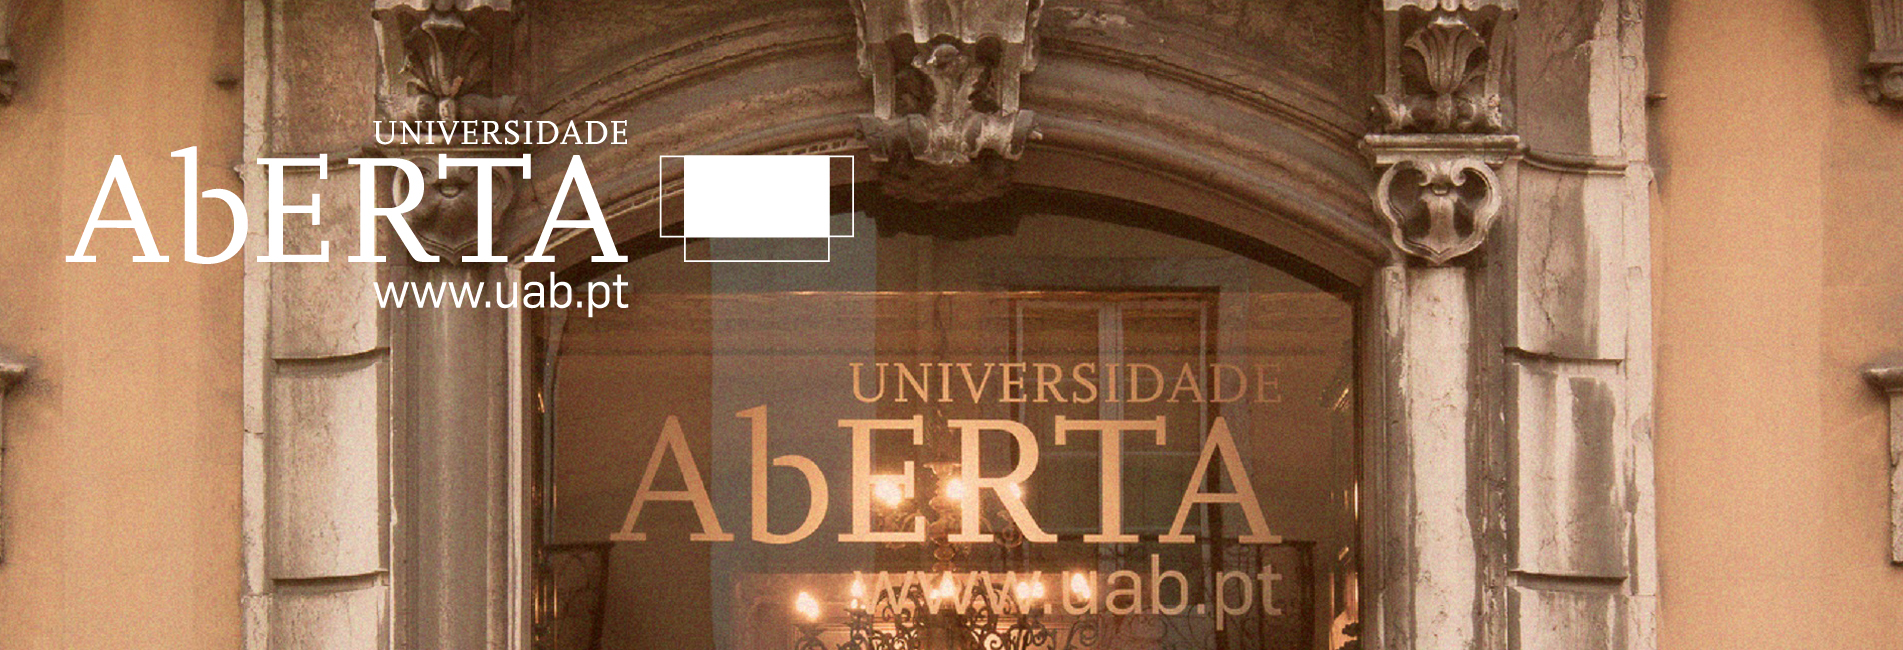 Resultado de imagem para universidade aberta